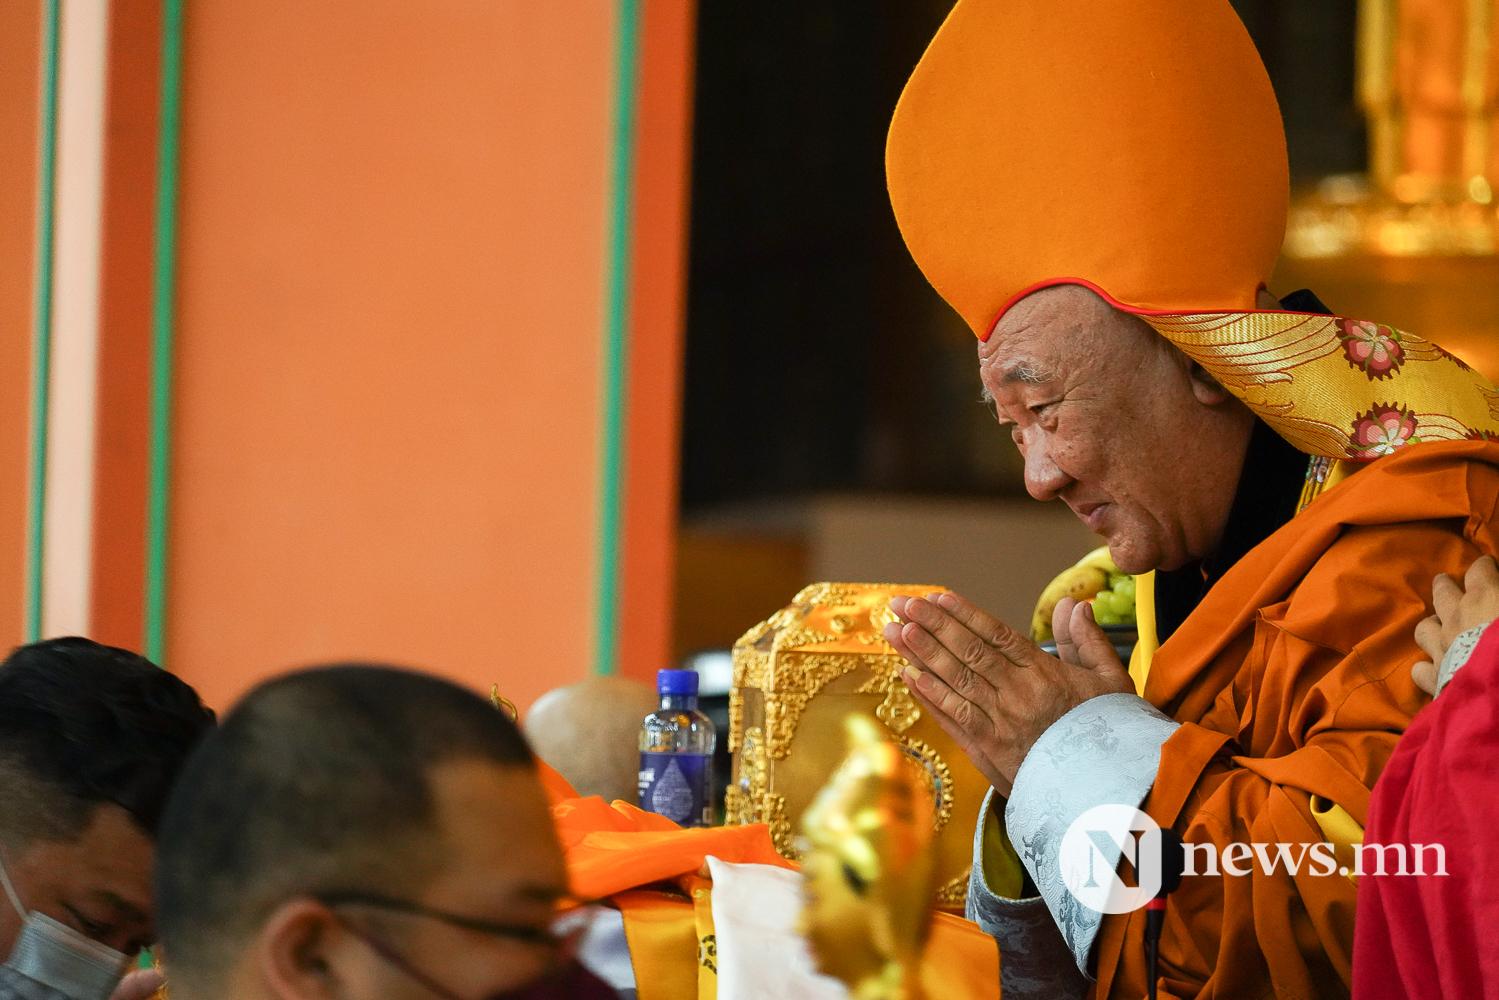 Хамба номун хан, гавж Д.Чойжамц ламд бат оршил өргөх хурал ном ёслолын үйл ажиллагаа (8 of 10)